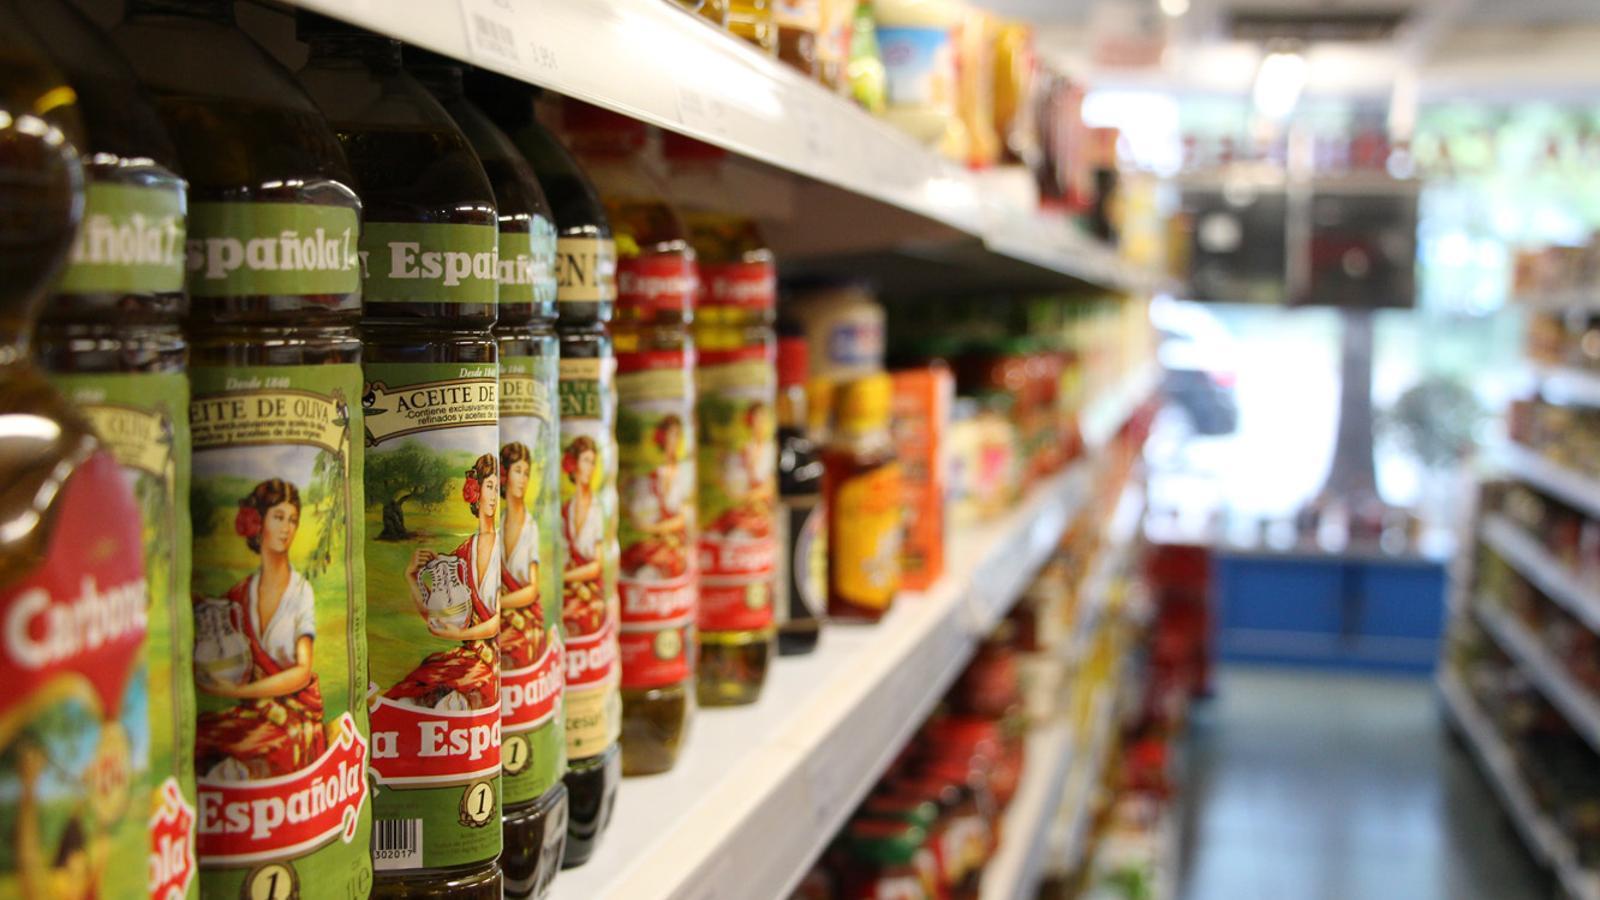 Productes exposats en un supermercat. / ARXIU